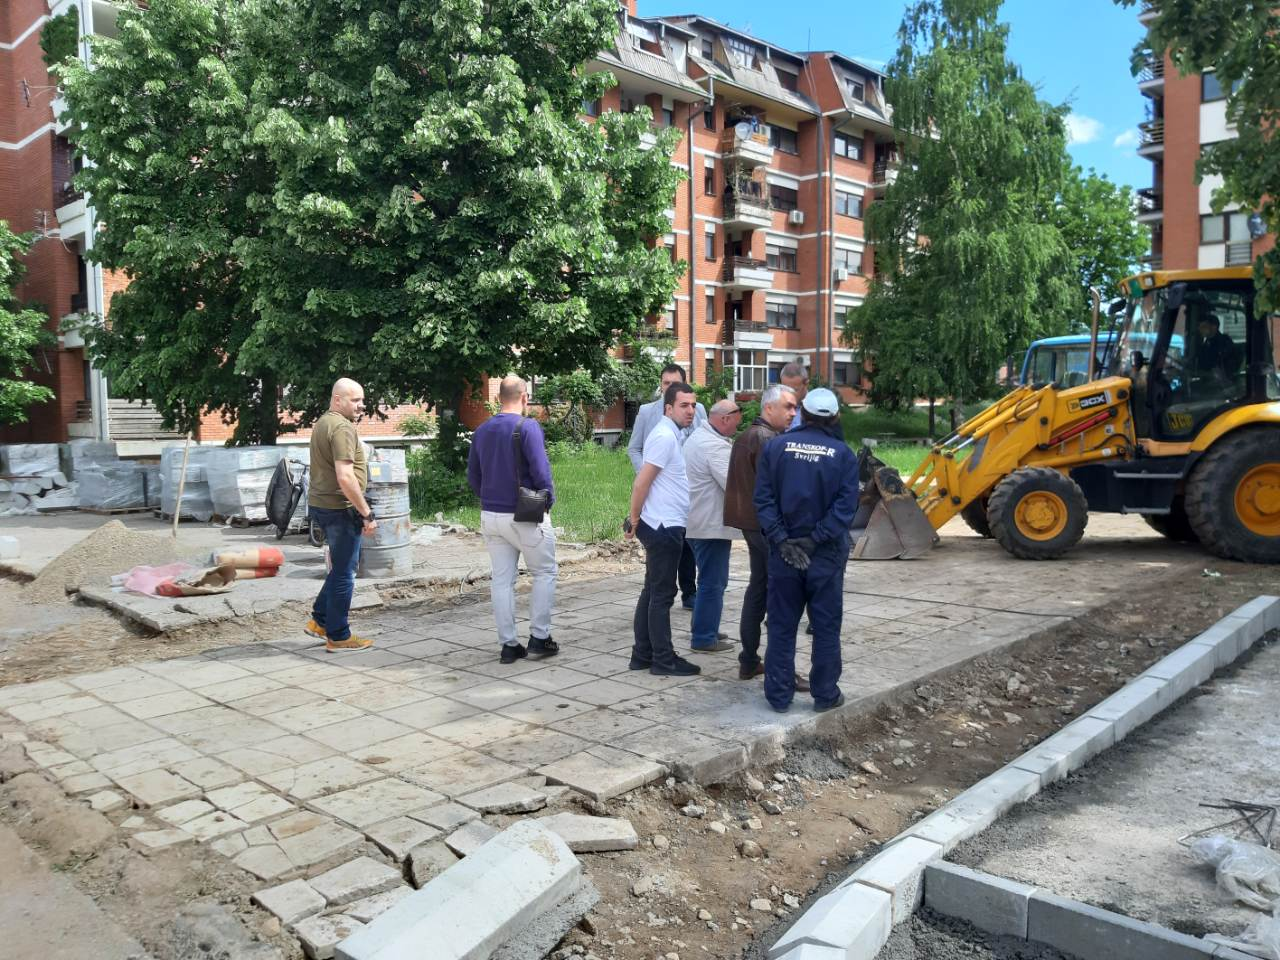 Naselje Devete brigade u Knjaževcu dobija potpuno novi izgled (FOTO)